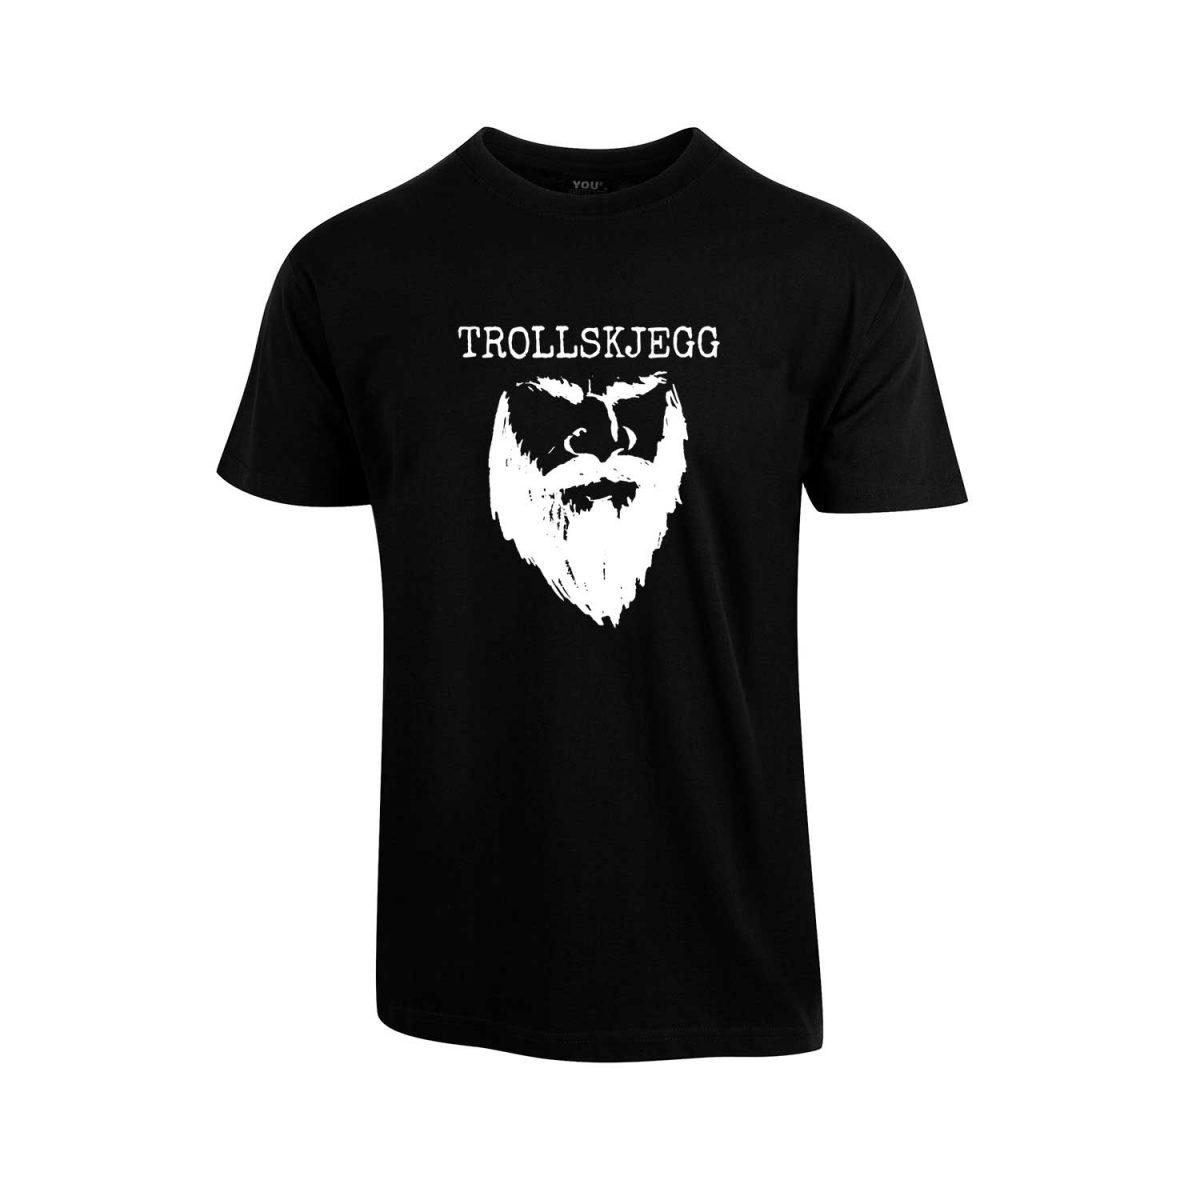 Svart t-skjorte med hvit Trollskjegg-logo